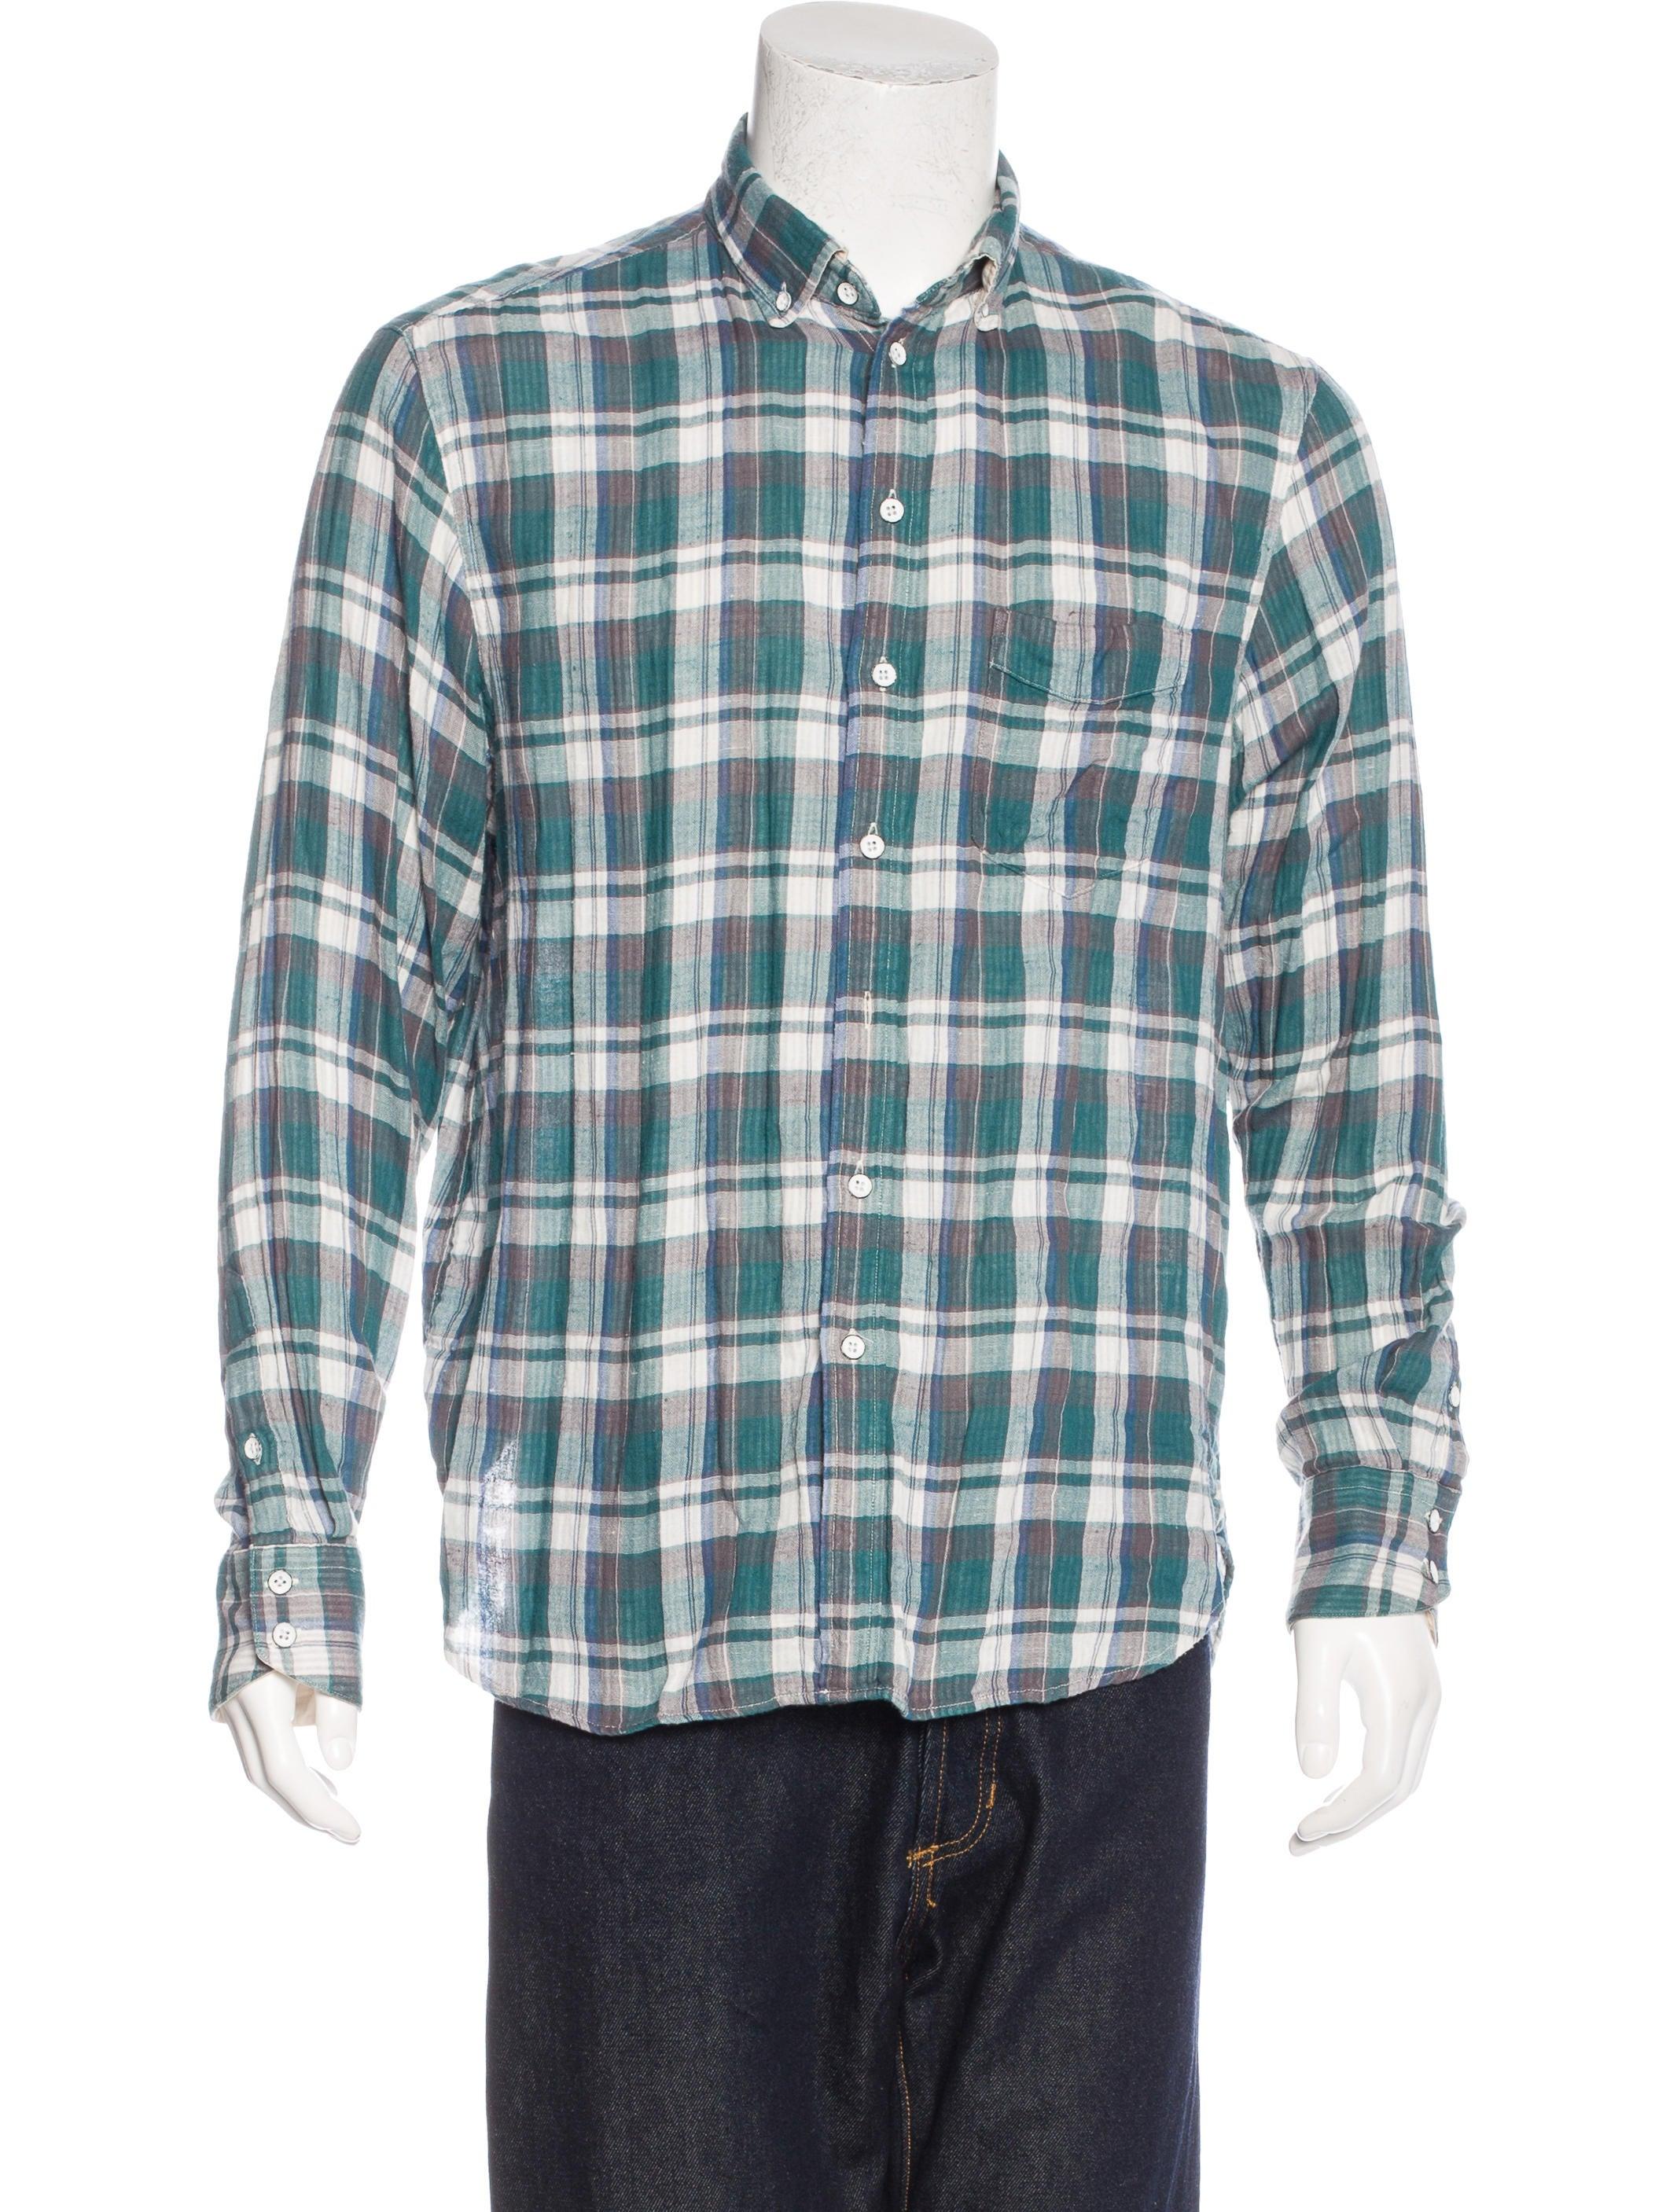 Rag Bone Plaid Woven Shirt Clothing Wragb67965 The